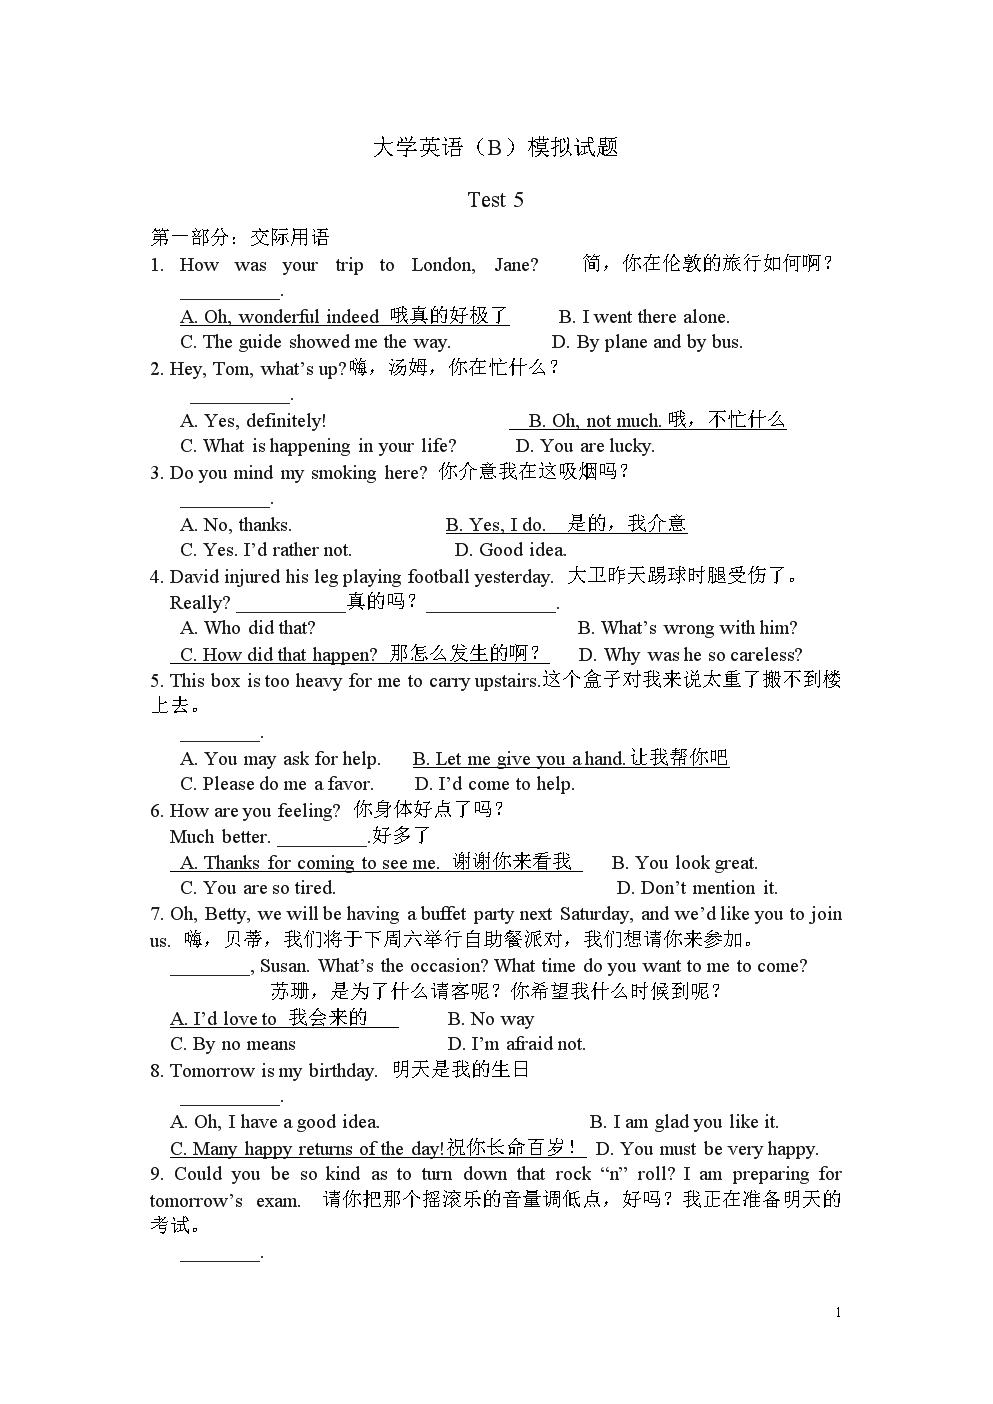 大学英语(B)模拟试题 Test  第一部分:交际用语 Hw was yur trip .doc